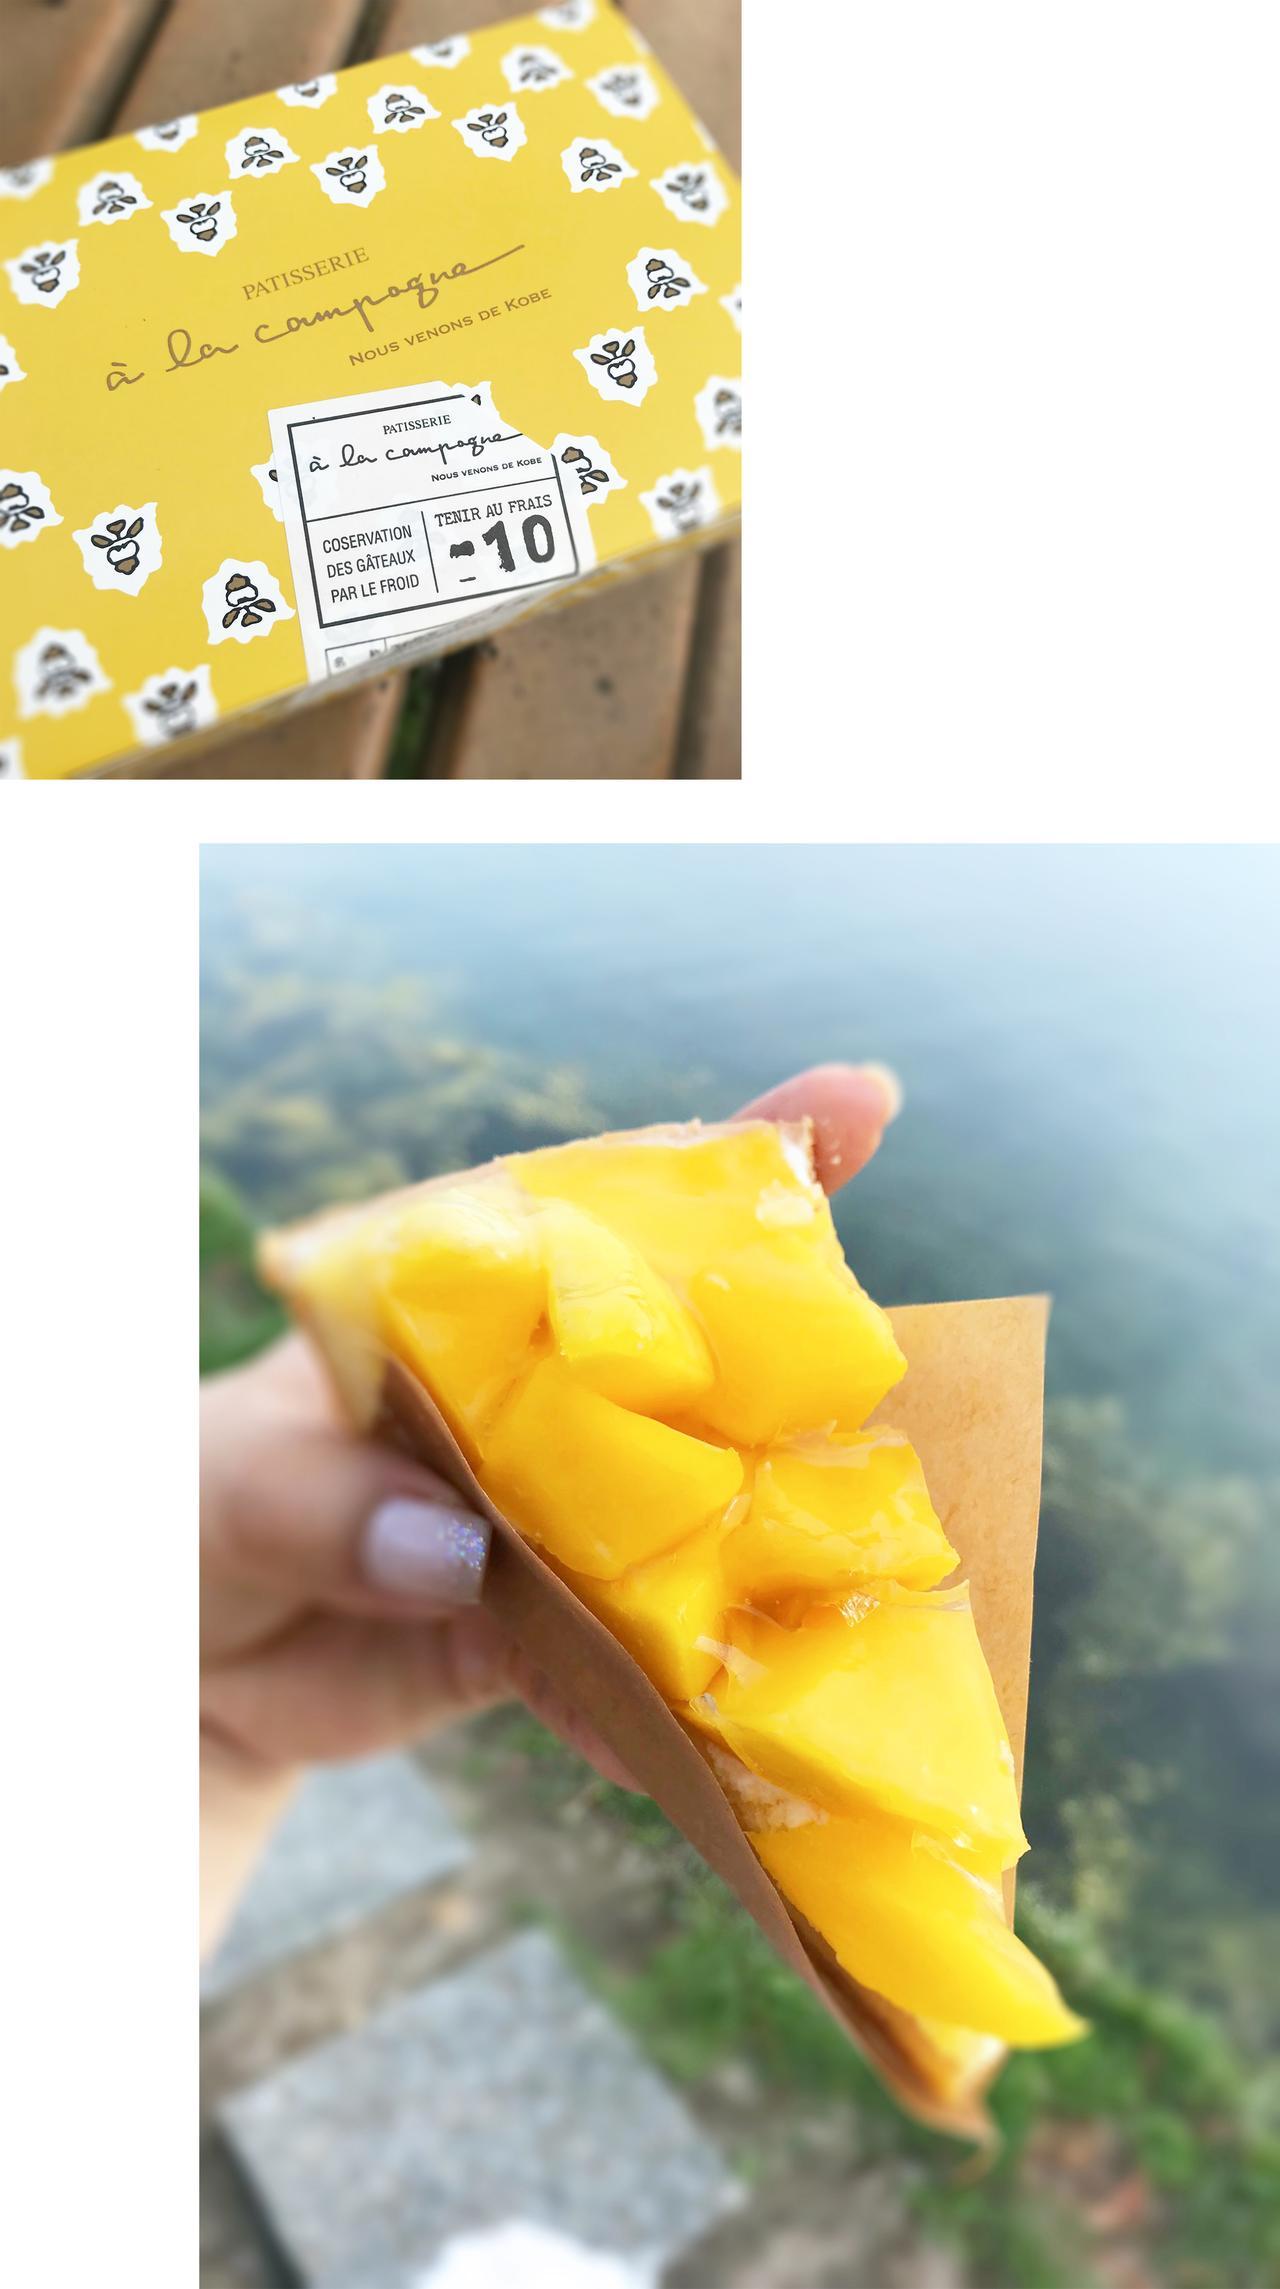 画像8: 博多によーきんしゃったね!  グローバルでディープな博多の今をリアルにレポート! 「梅雨の合間は博多の絶品パンで朝食を!」編〜